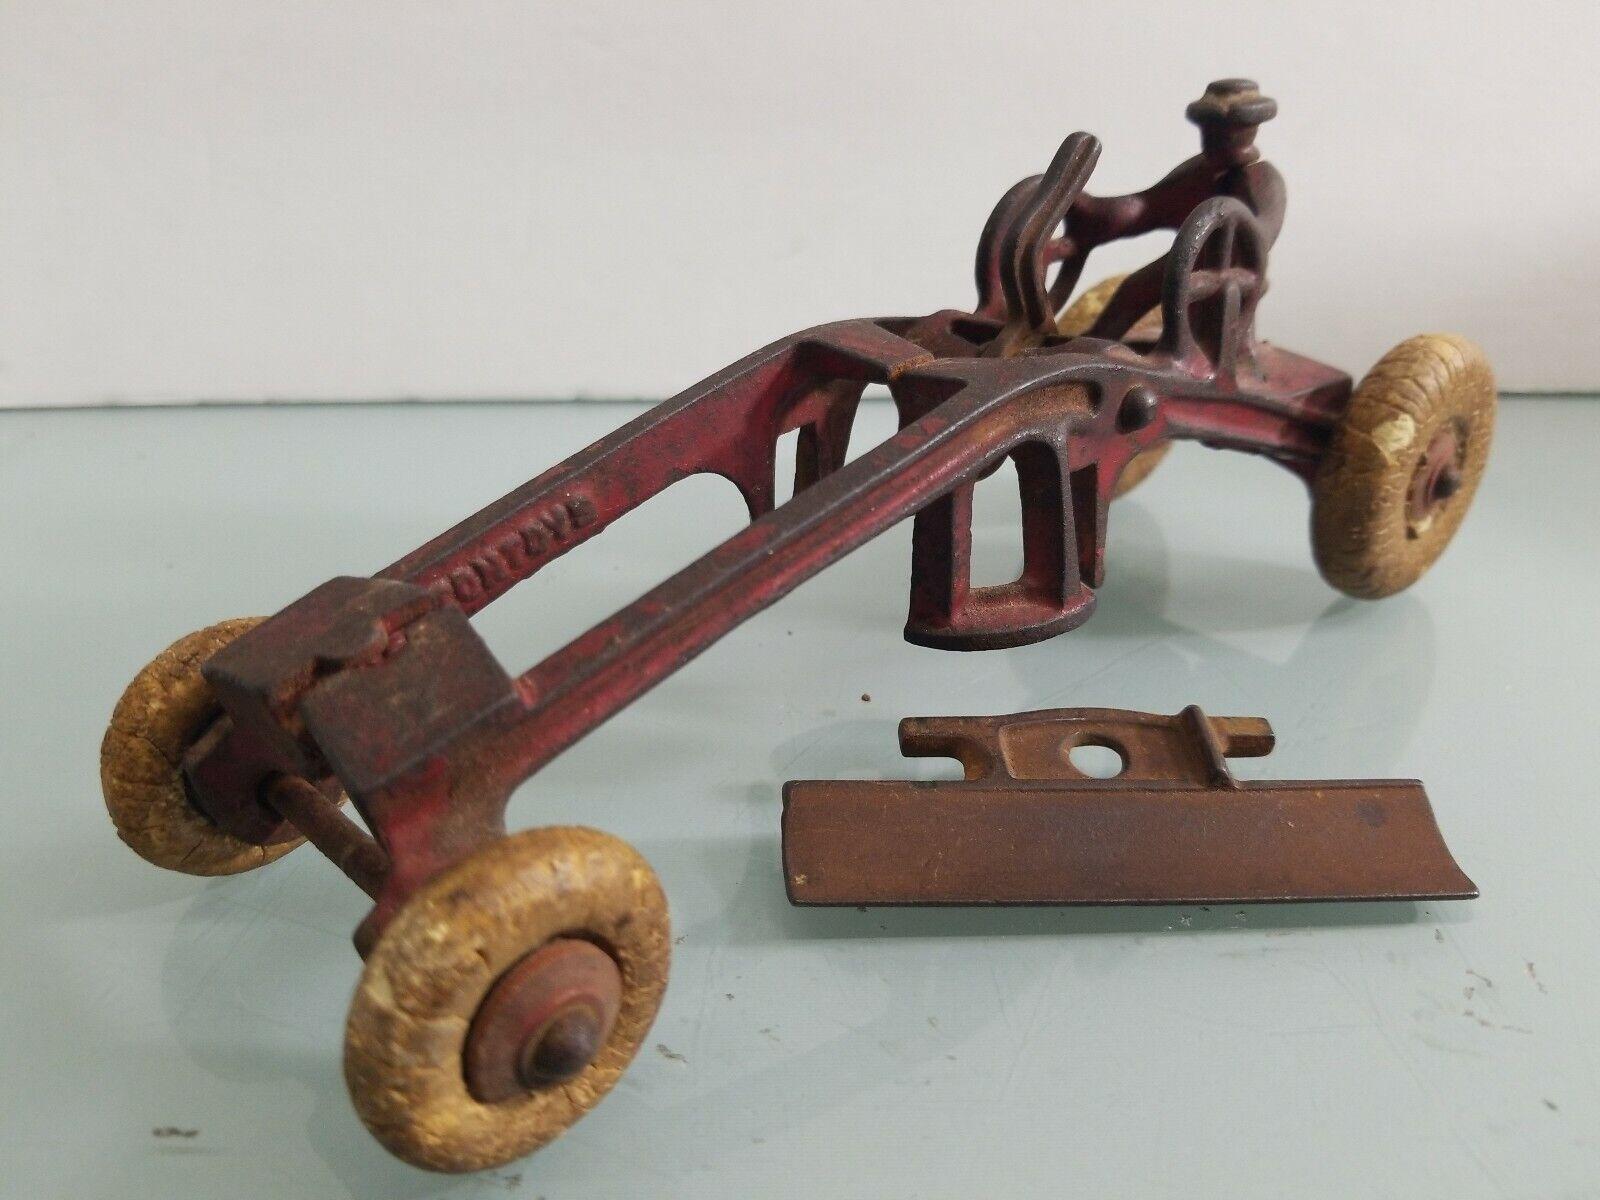 Kenton玩具キャスト鉄ロードグレーダー農場収穫はまれレア